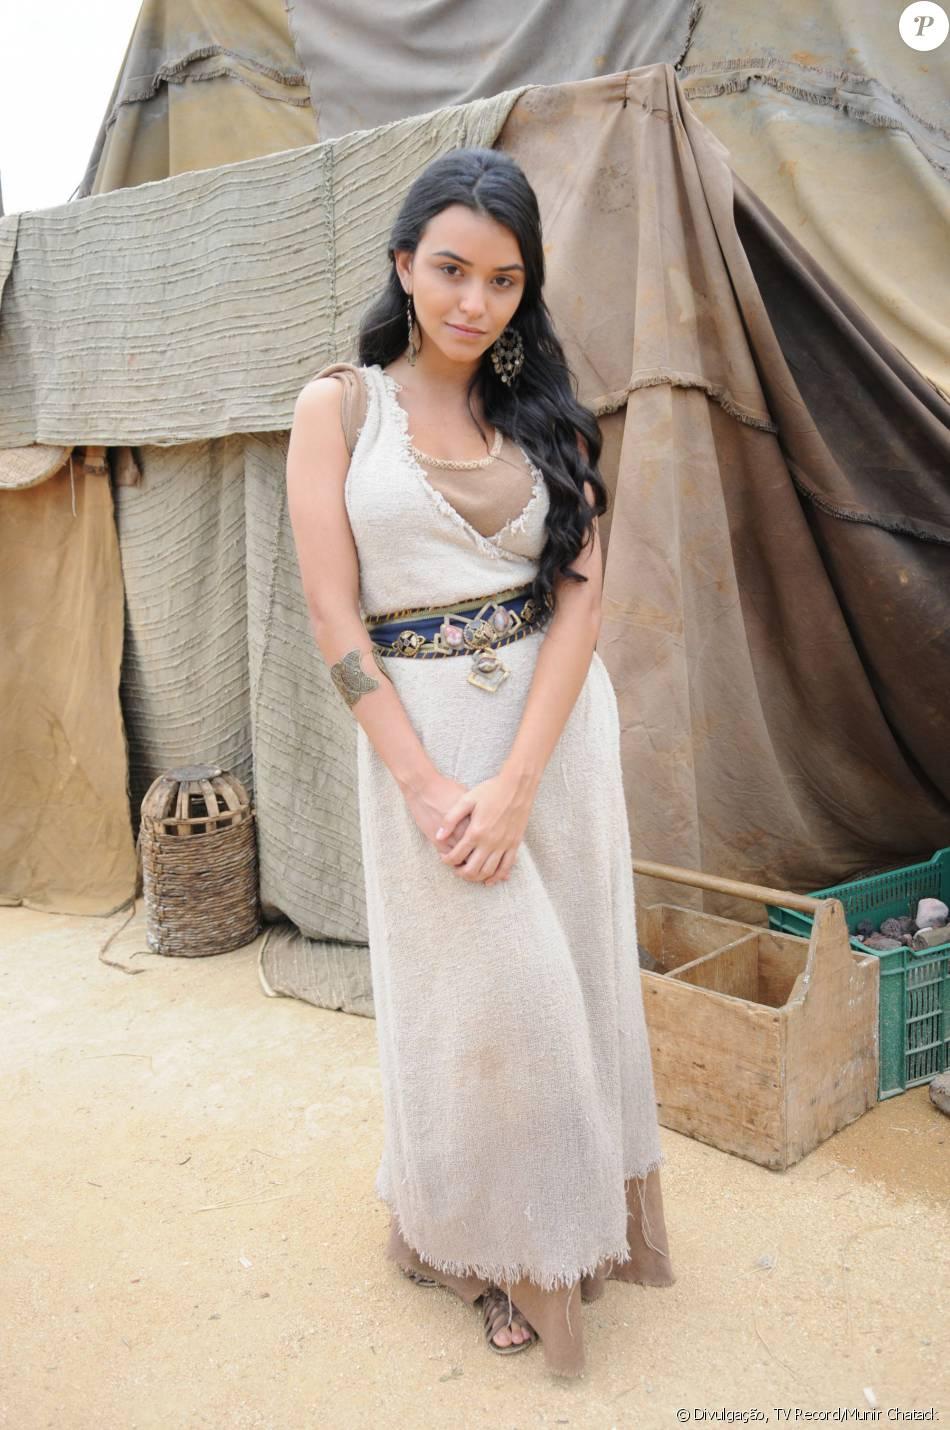 Talita Younan conta com a torcida dos telespectadores para sua Damarina da novela 'Os Dez Mandamentos - Nova Temporada' encontrar um novo amor: 'Querem que ela seja feliz novamente'